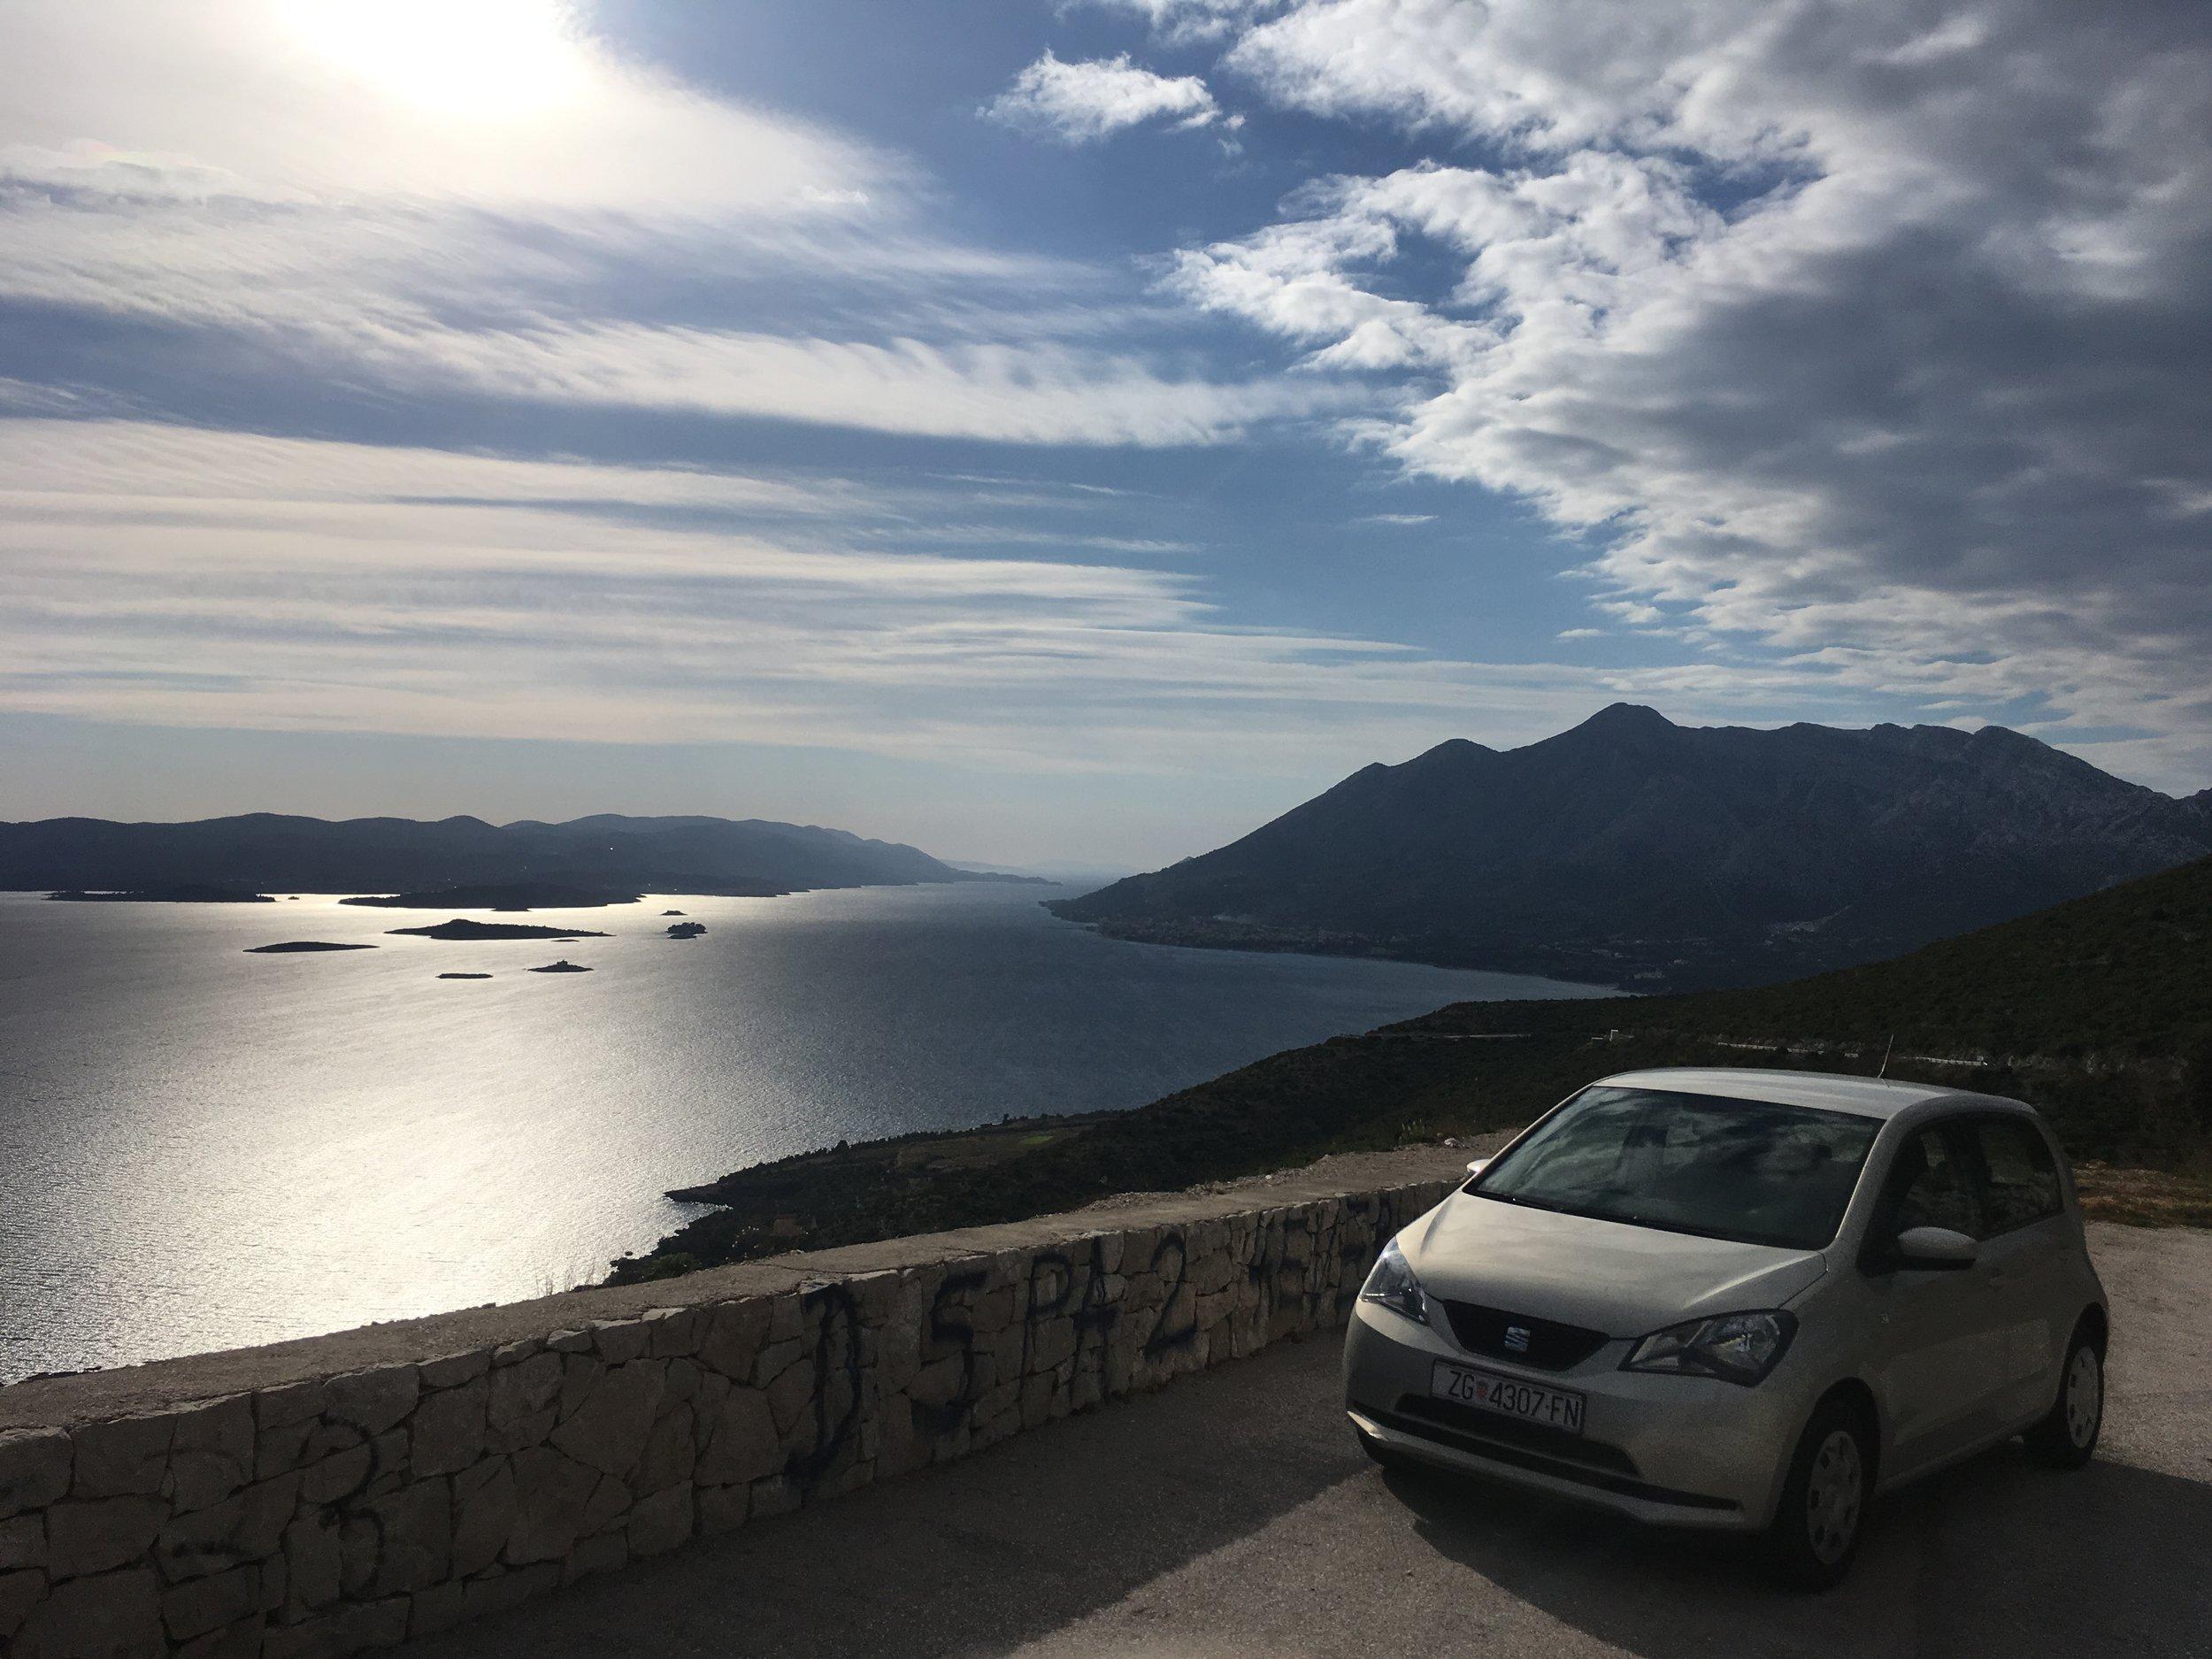 Drive to Orebic